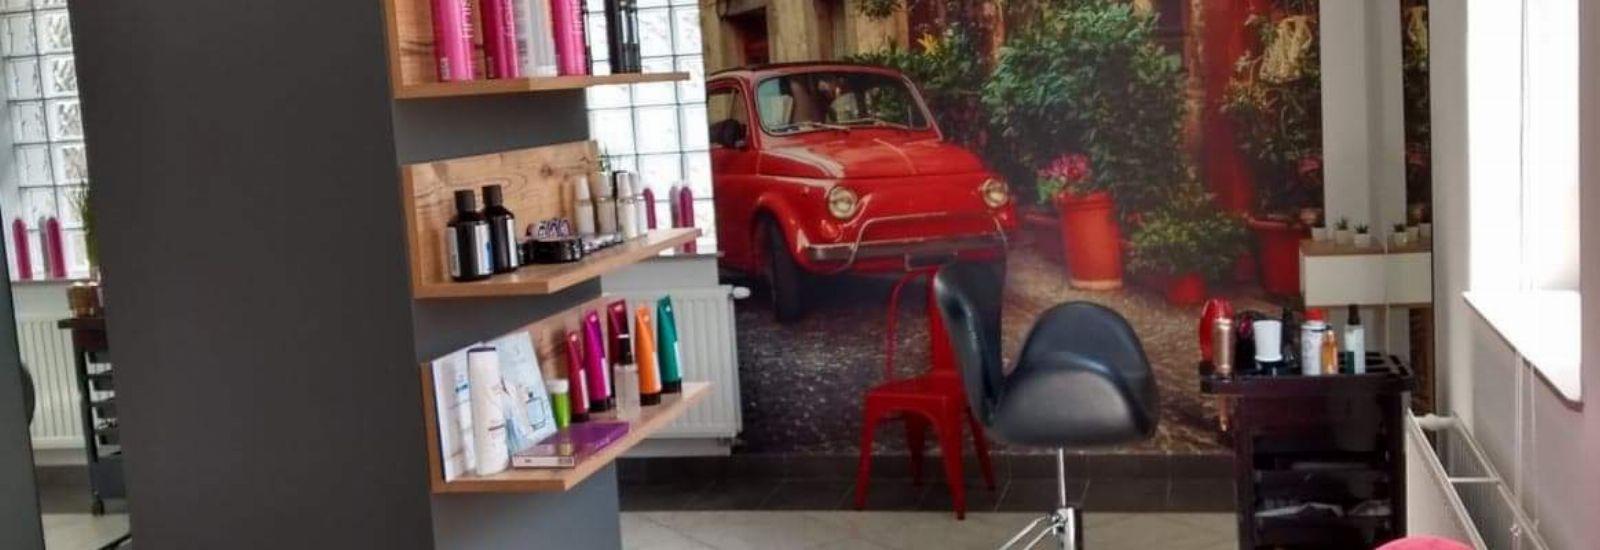 Salon Fryzjerski Inspiracje Rzeszów Bukkapl